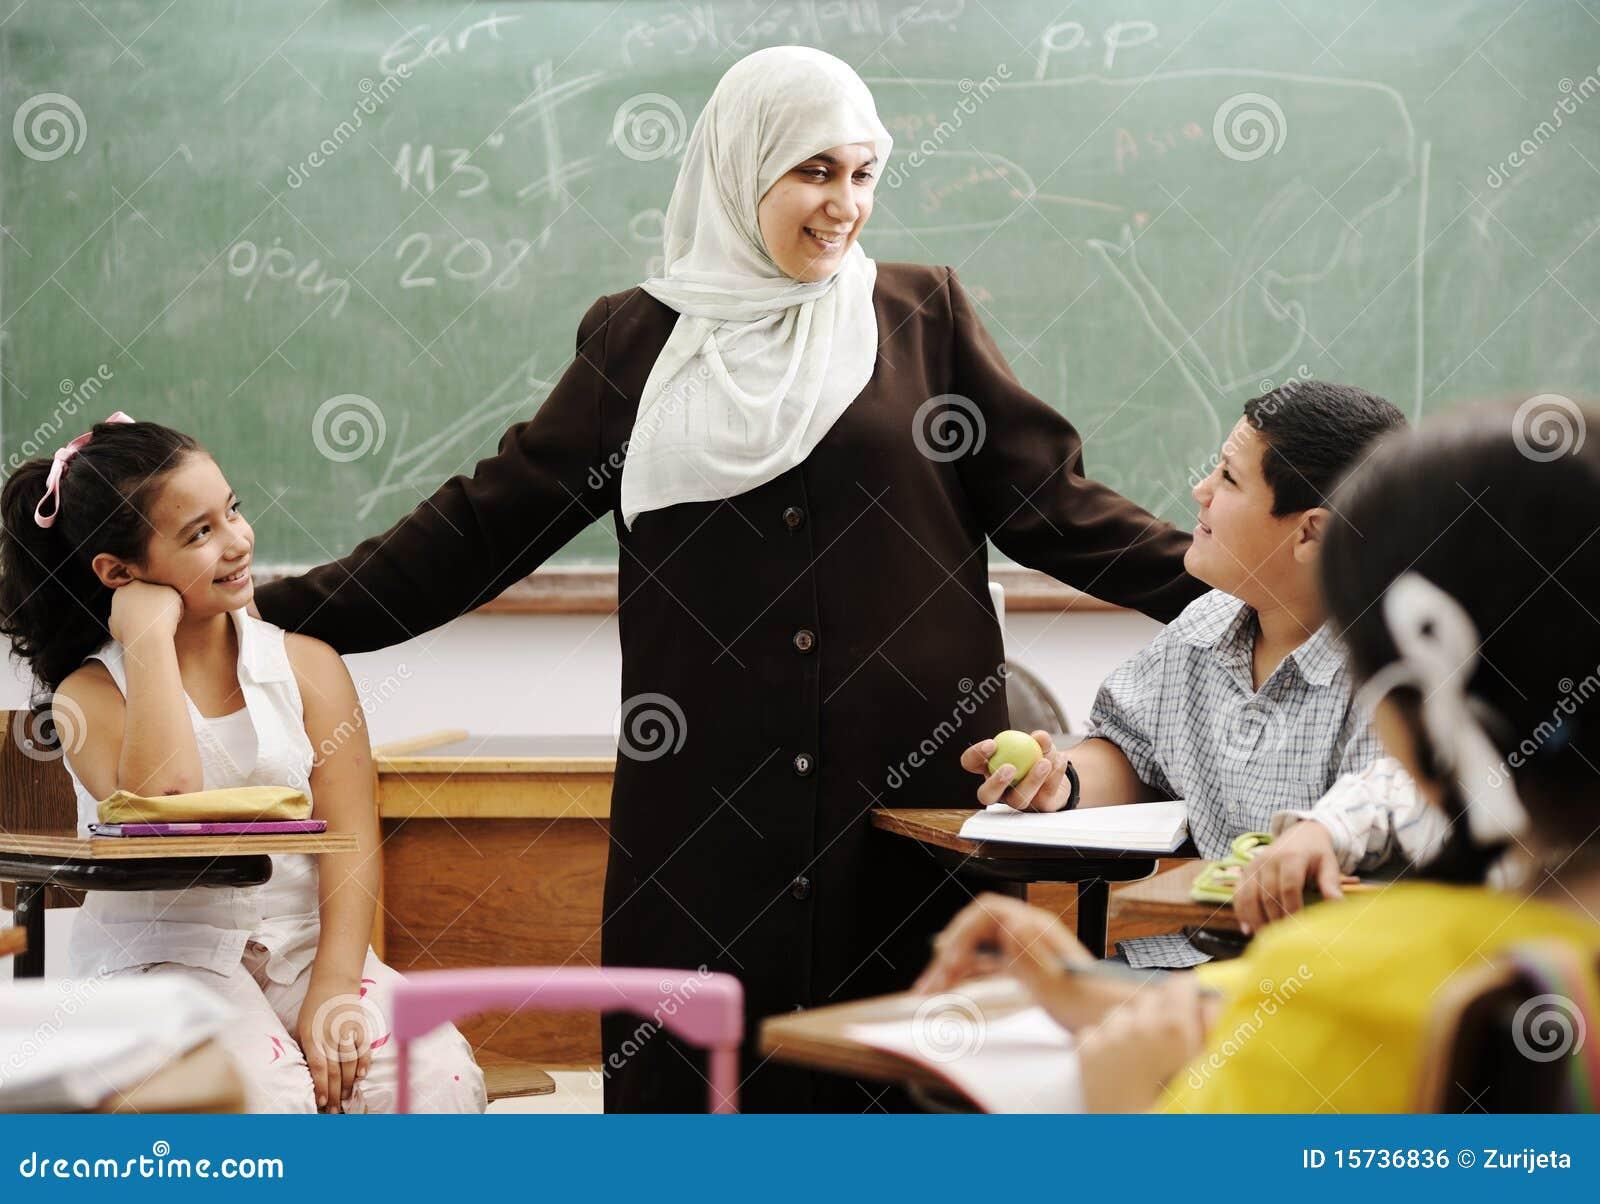 Moslemischer weiblicher Lehrer mit Kindern im Klassenzimmer